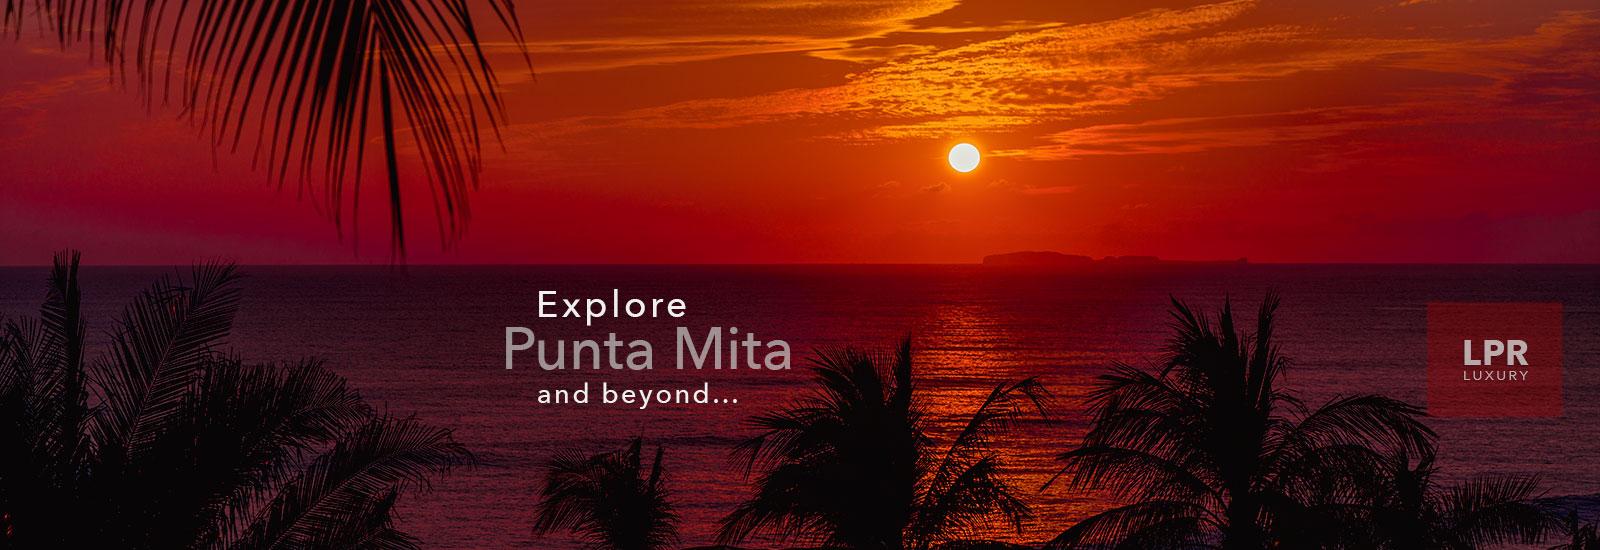 Explore the Punta Mita Resort with LPR Luxury - Punta de Mita, Riviera Nayarit, Mexico